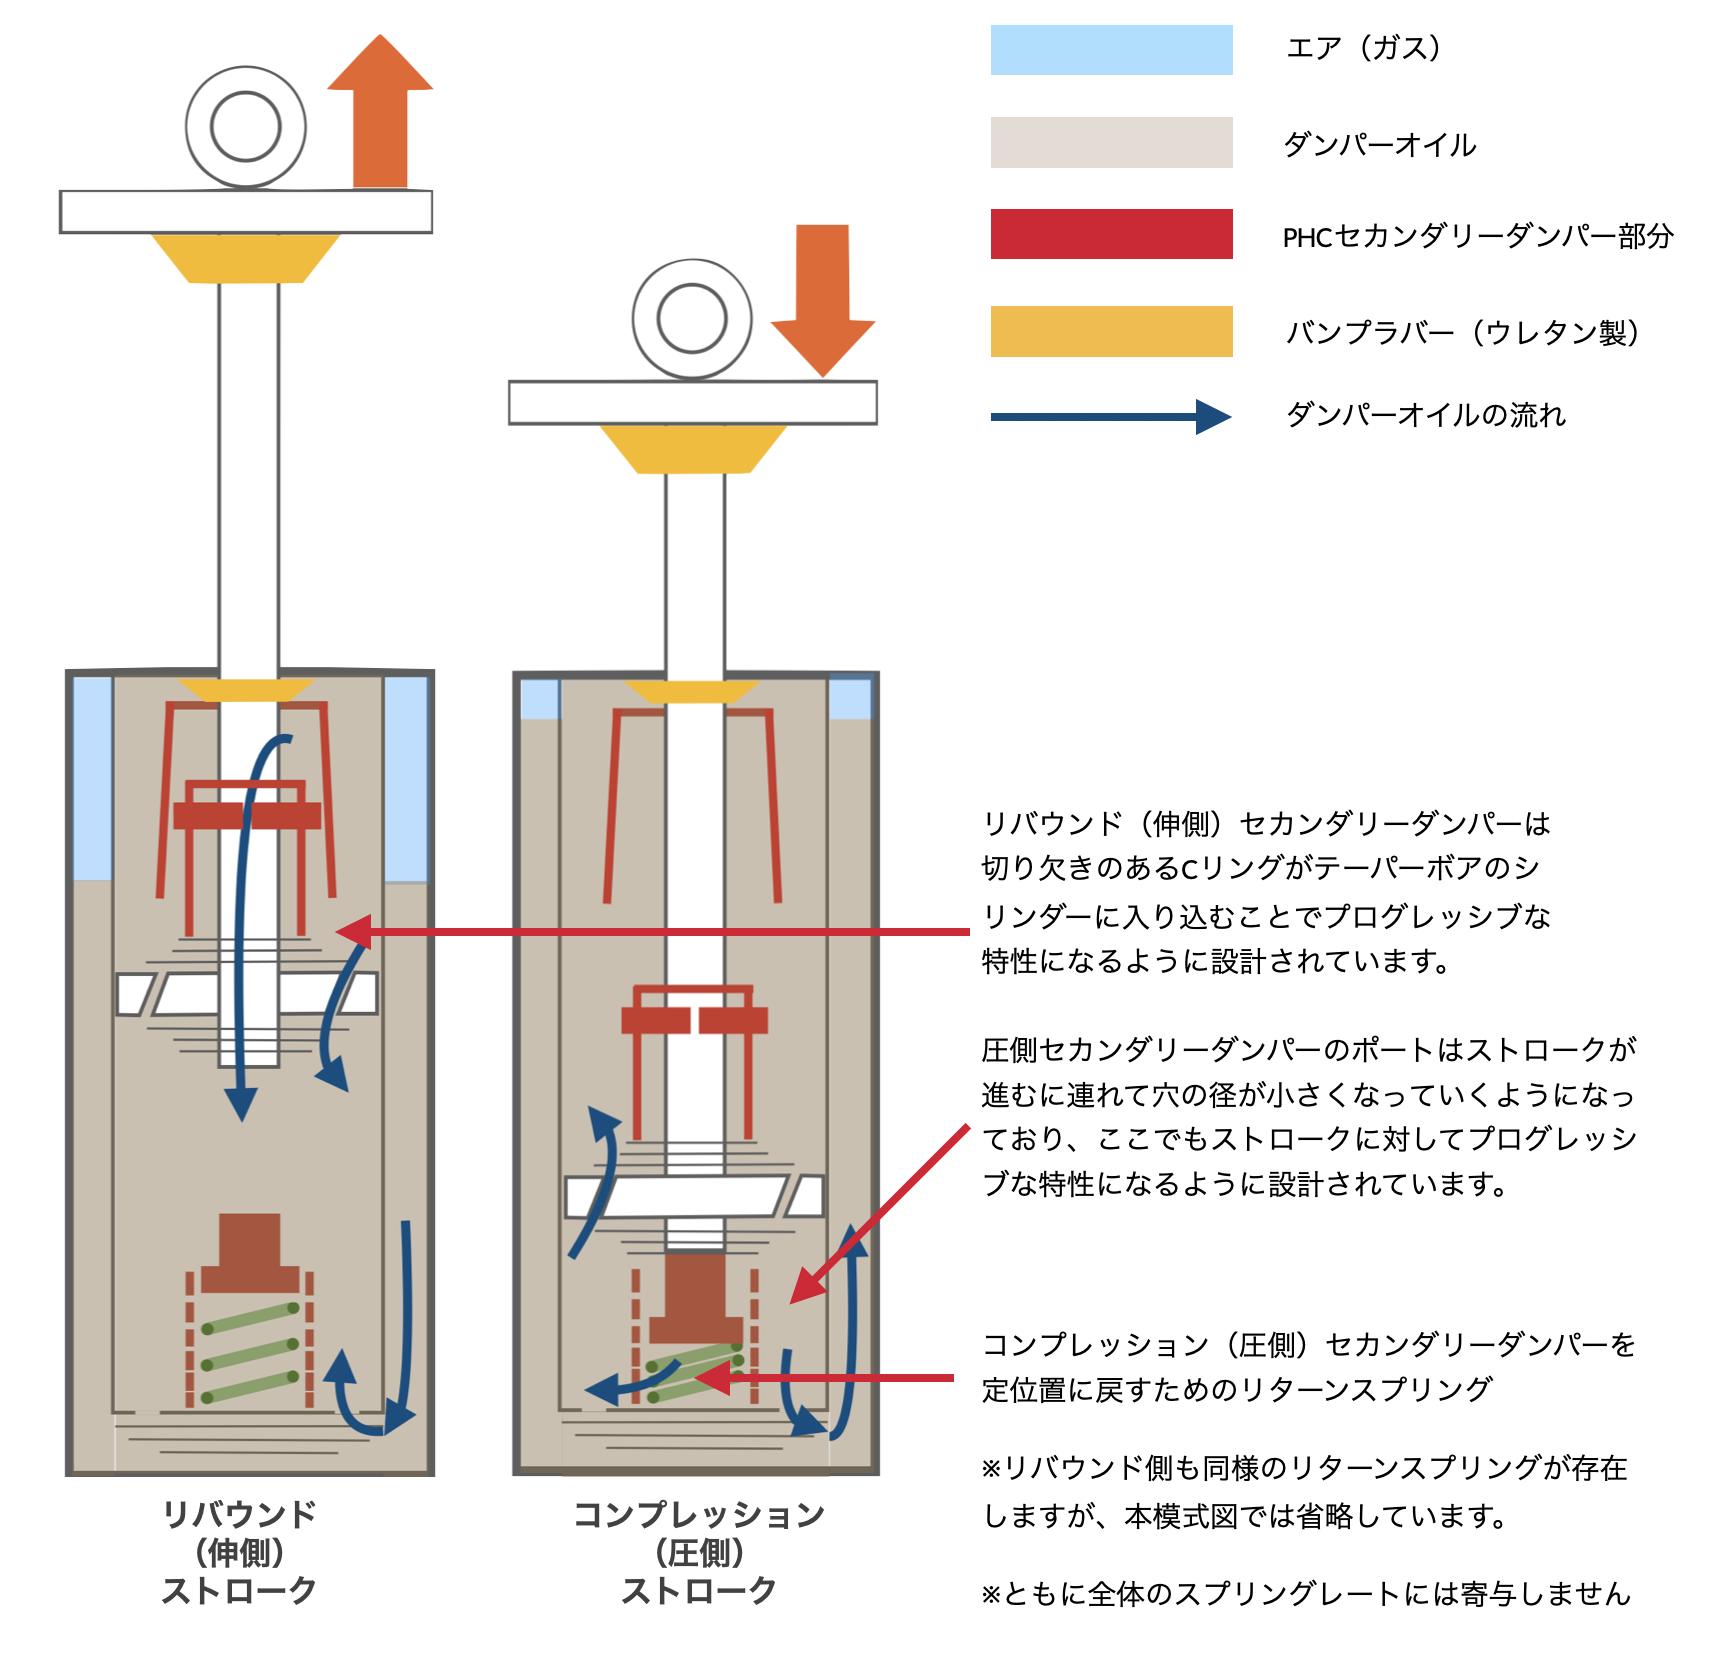 リバウンド(伸側)セカンダリーダンパーは切り欠きのあるCリングがテーパーボアのシリンダーに入り込むことでプログレッシブな特性になるように設計されています。圧側セカンダリーダンパーのポートはストロークが進むに連れて穴の径が小さくなっていくようになっており、ここでもストロークに対してプログレッシブな特性になるように設計されています。コンプレッション(圧側)セカンダリーダンパーを 定位置に戻すためのリターンスプリング  ※リバウンド側も同様のリターンスプリングが存在しますが、本模式図では省略しています。  ※ともに全体のスプリングレートには寄与しません